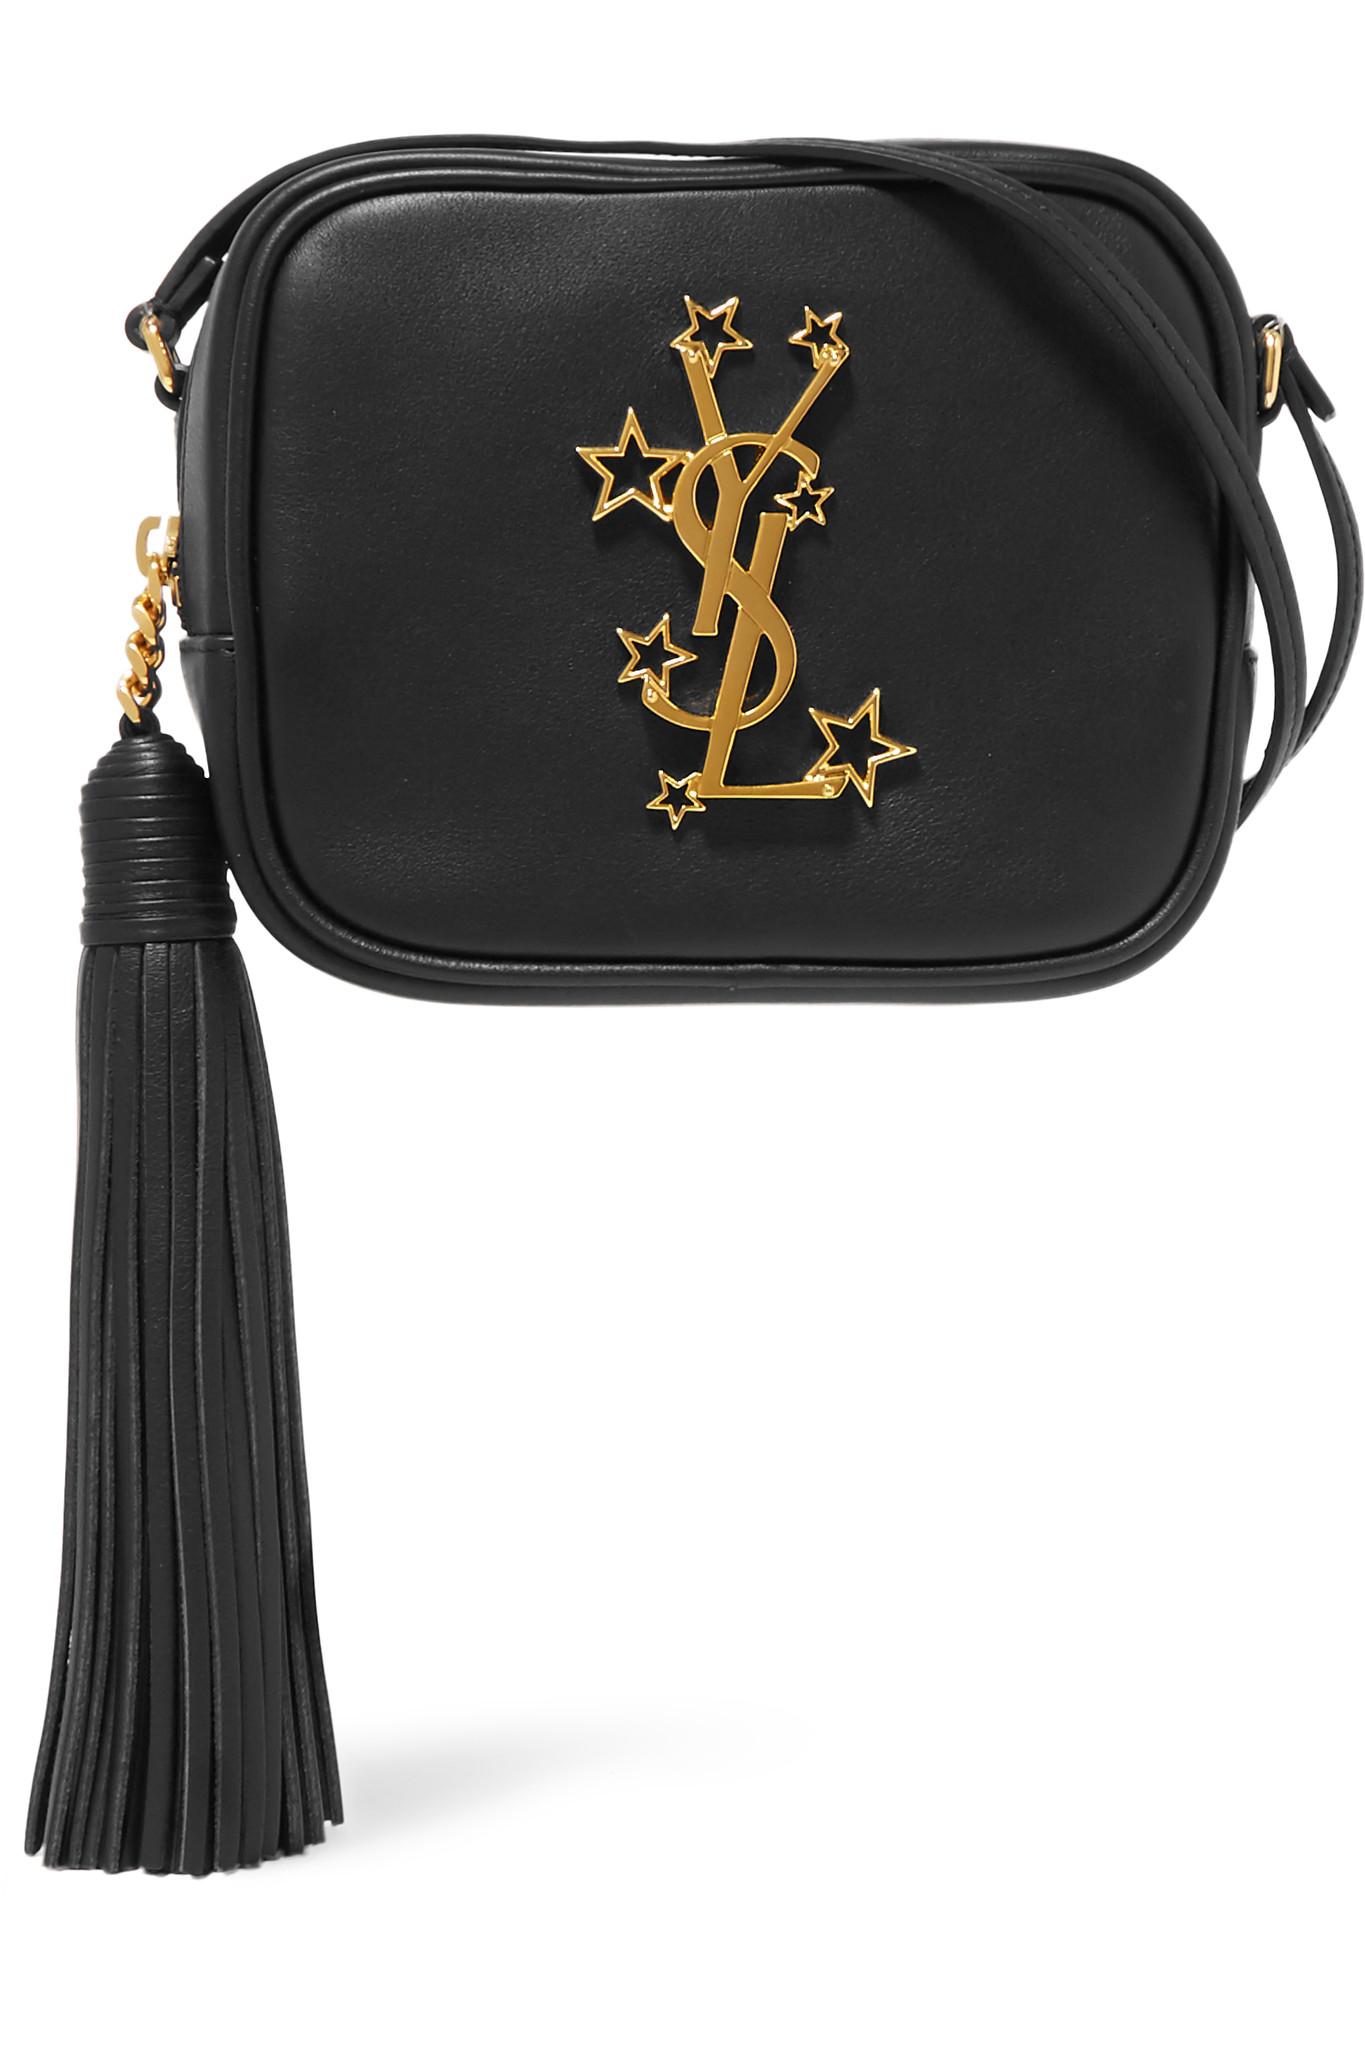 Saint laurent Monogramme Blogger Leather Shoulder Bag in ...